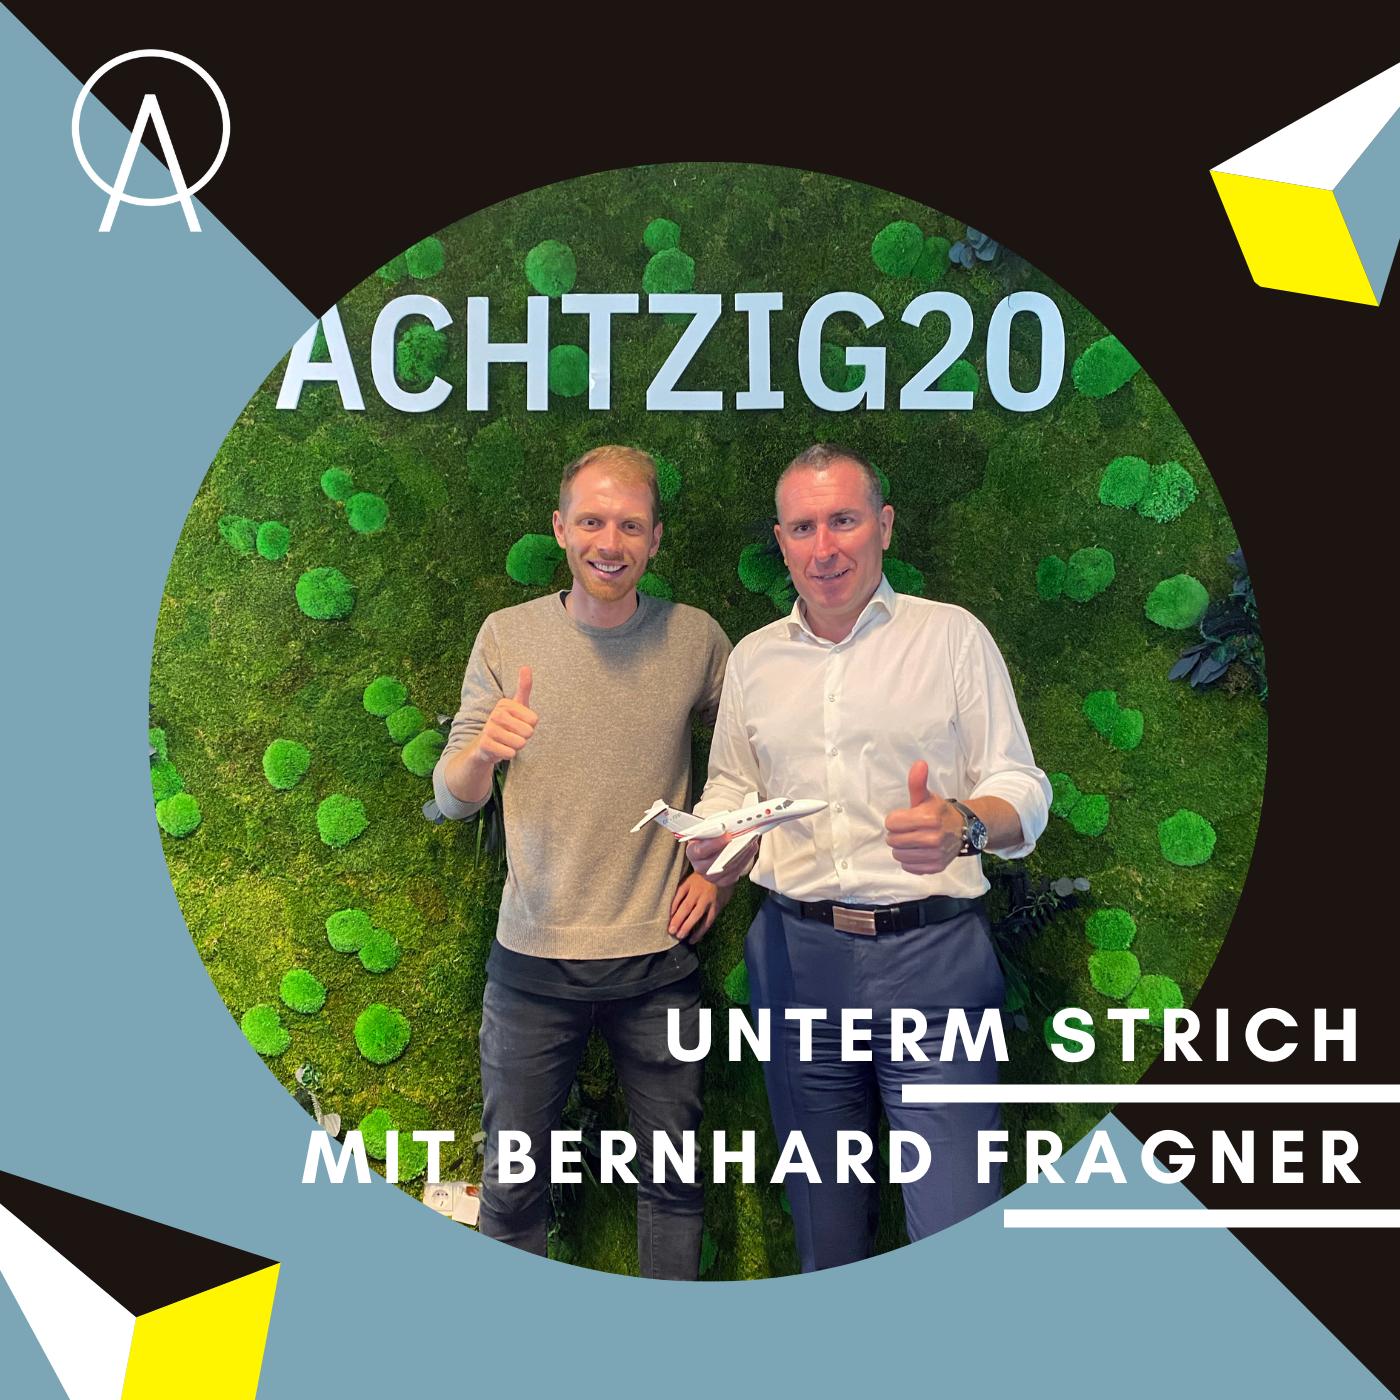 Unterm Strich Folge #055: Turn your passion into profession mit Bernhard Fragner von GlobeAir